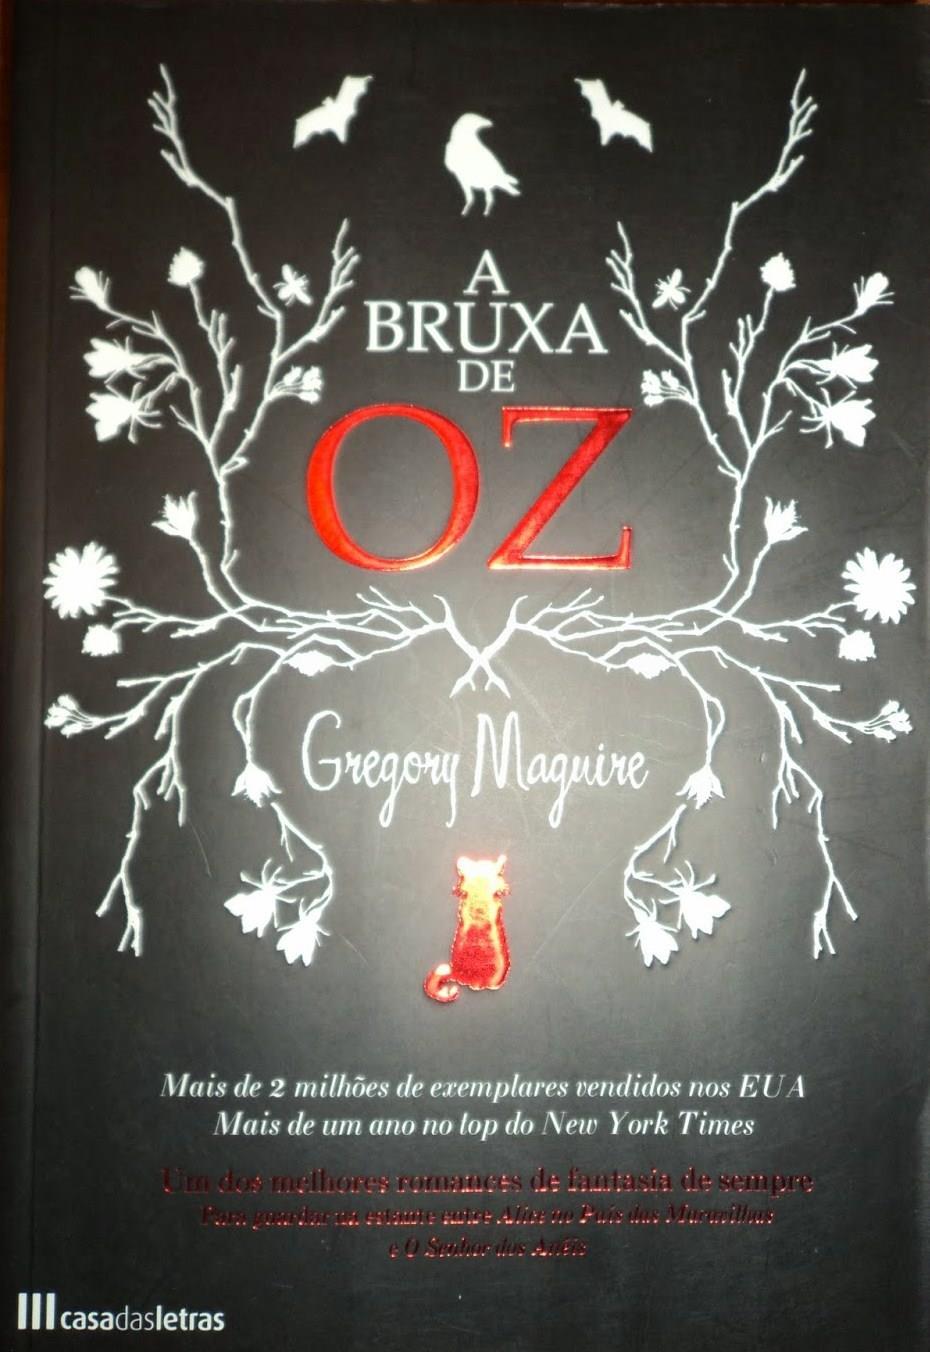 BRUXA.JPG